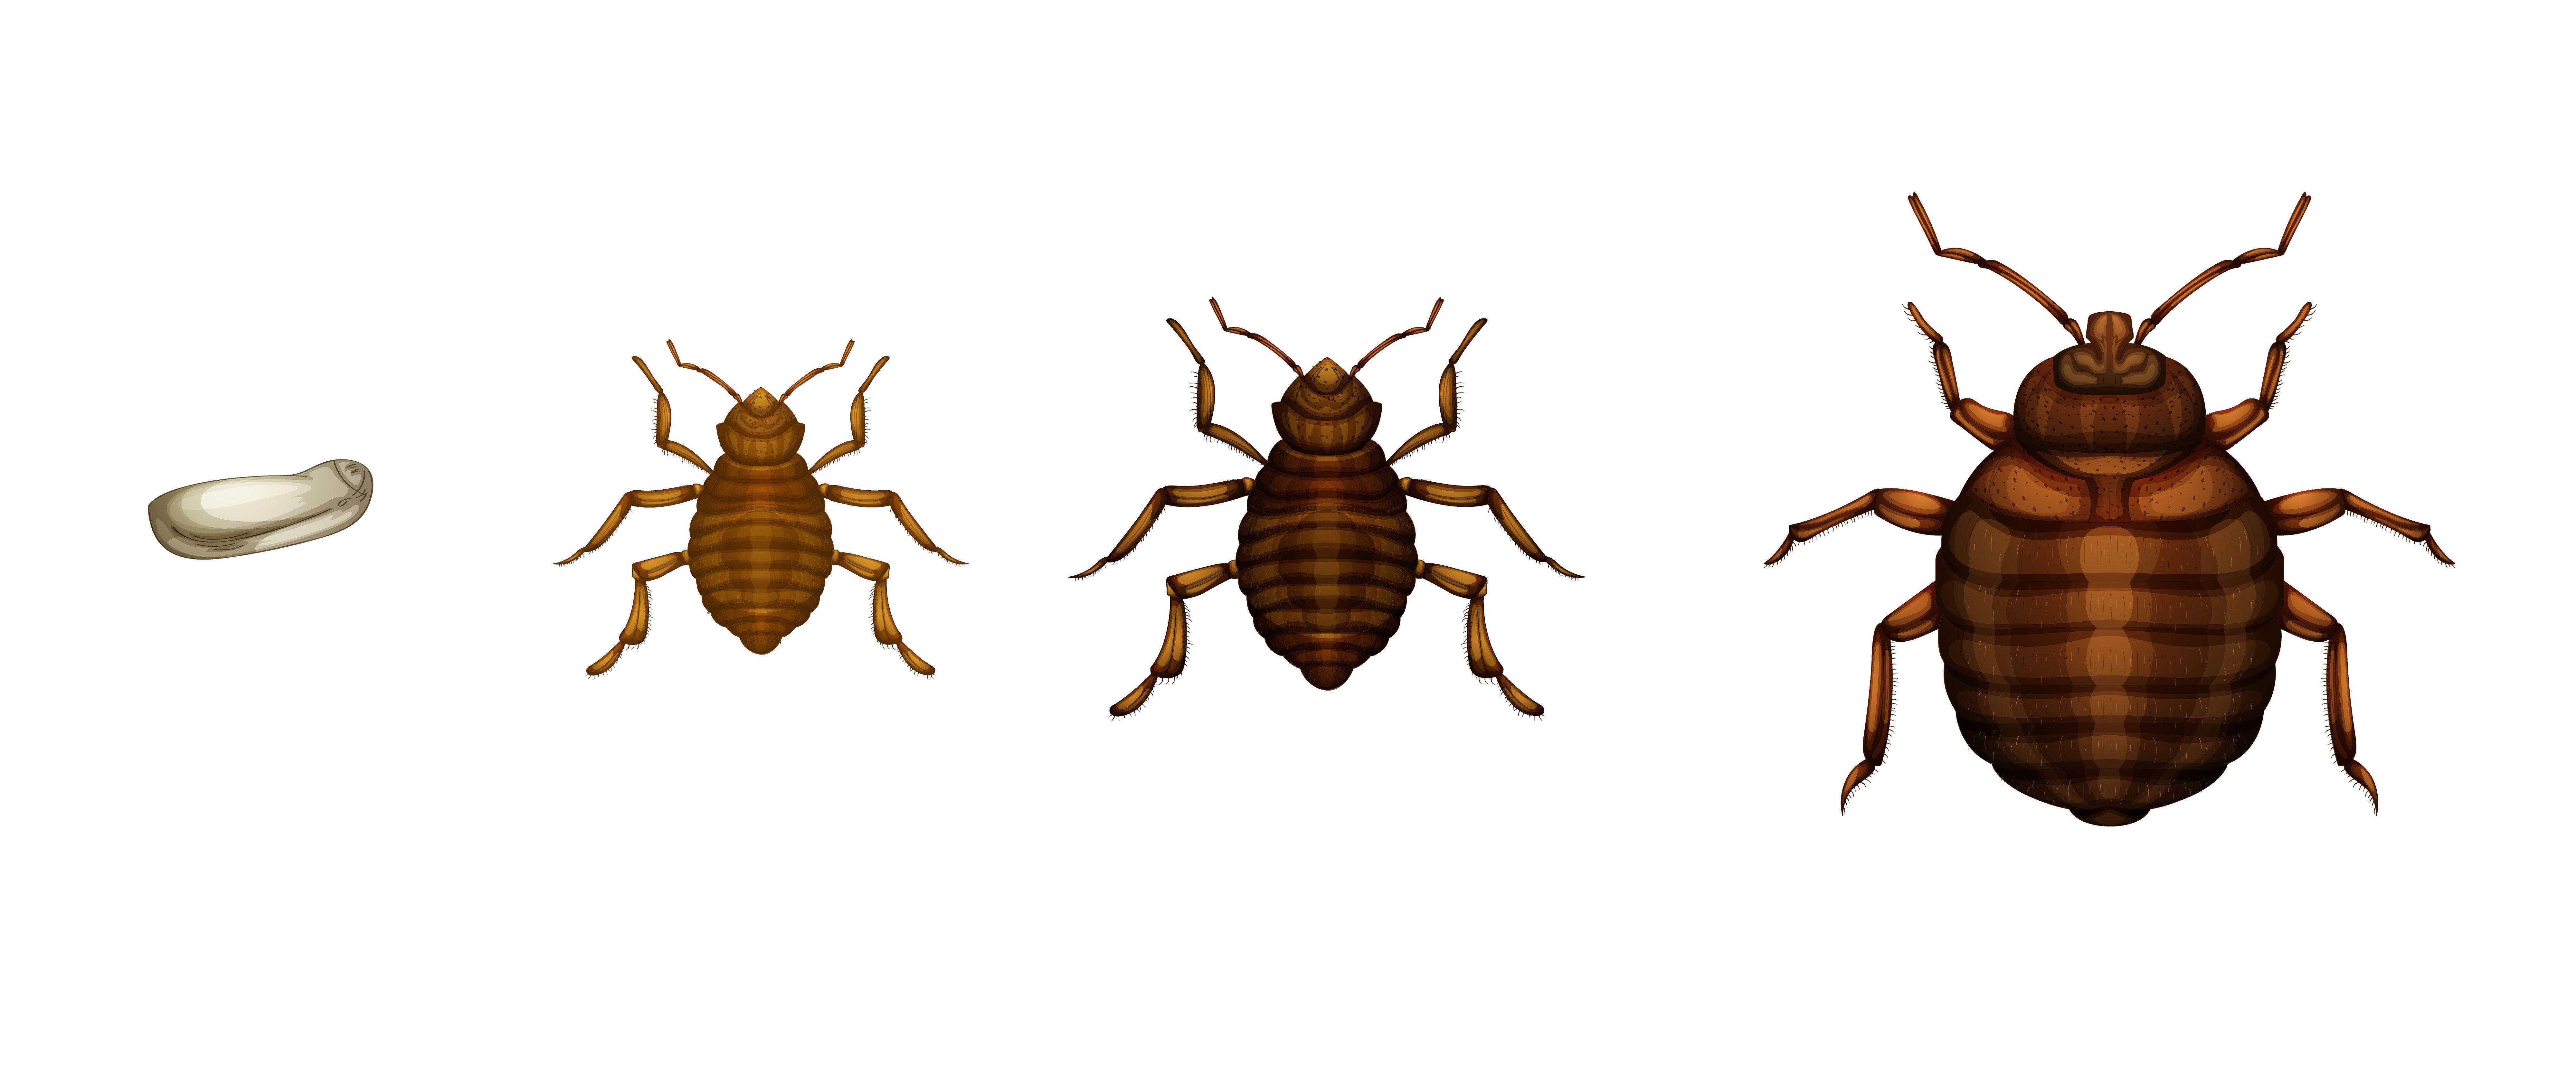 Oeuf Punaise De Lit Joli 39 Classique Insecte De Lit – Faho forfriends